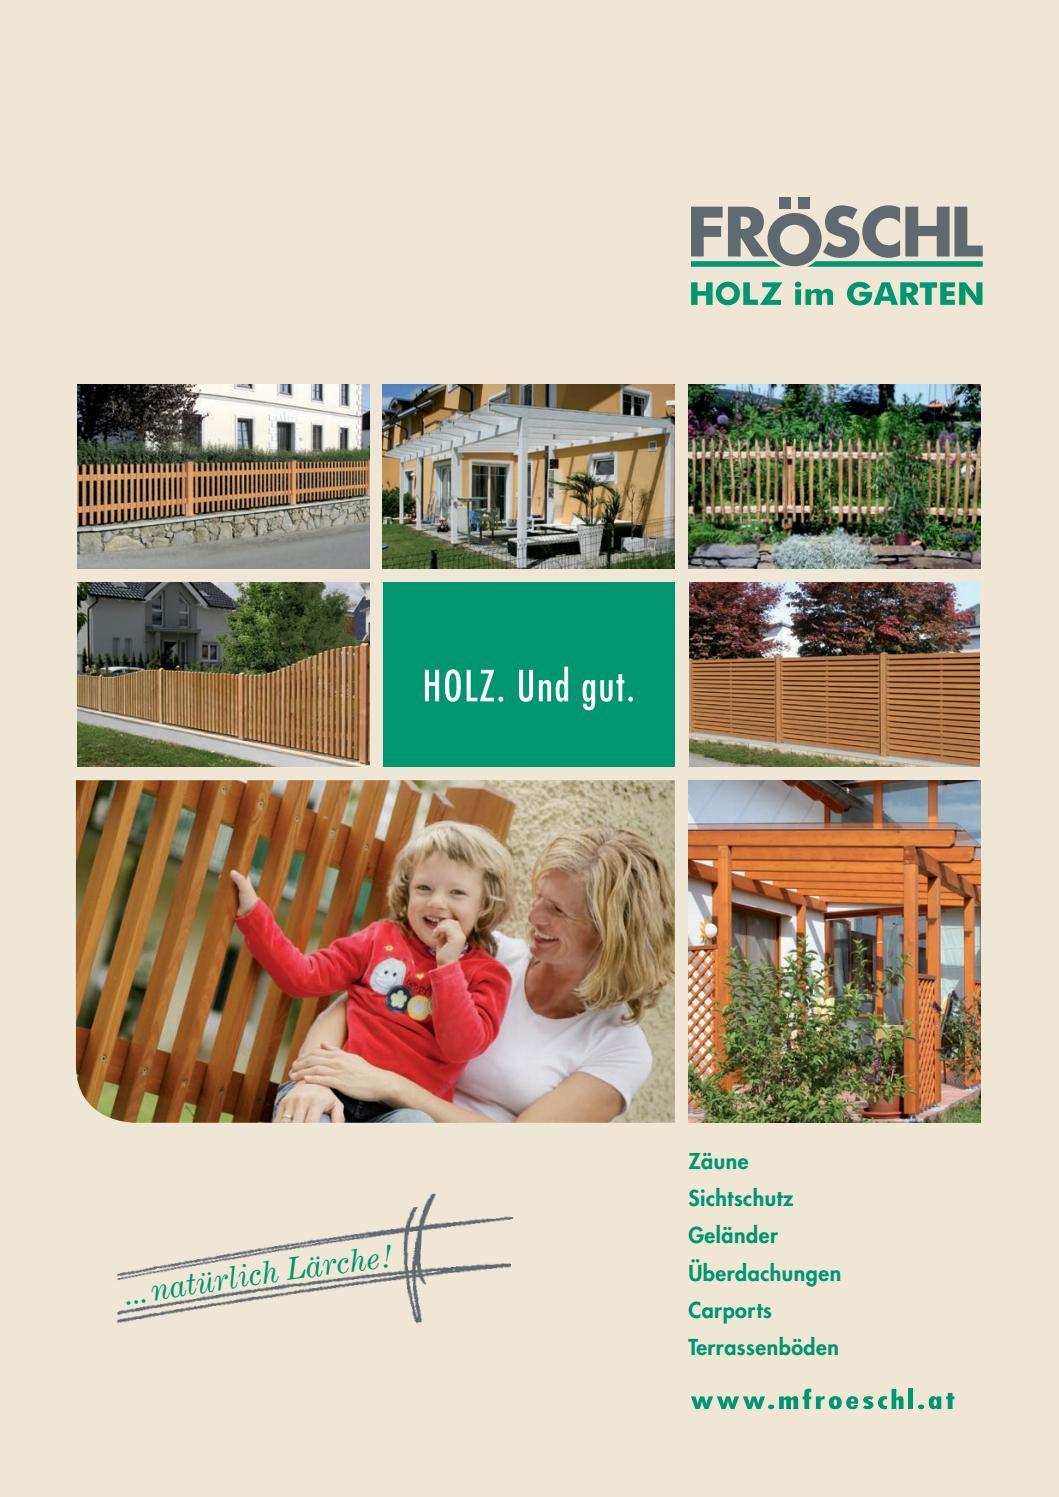 Froschl Holz Im Garten By B2werbeagentur Issuu